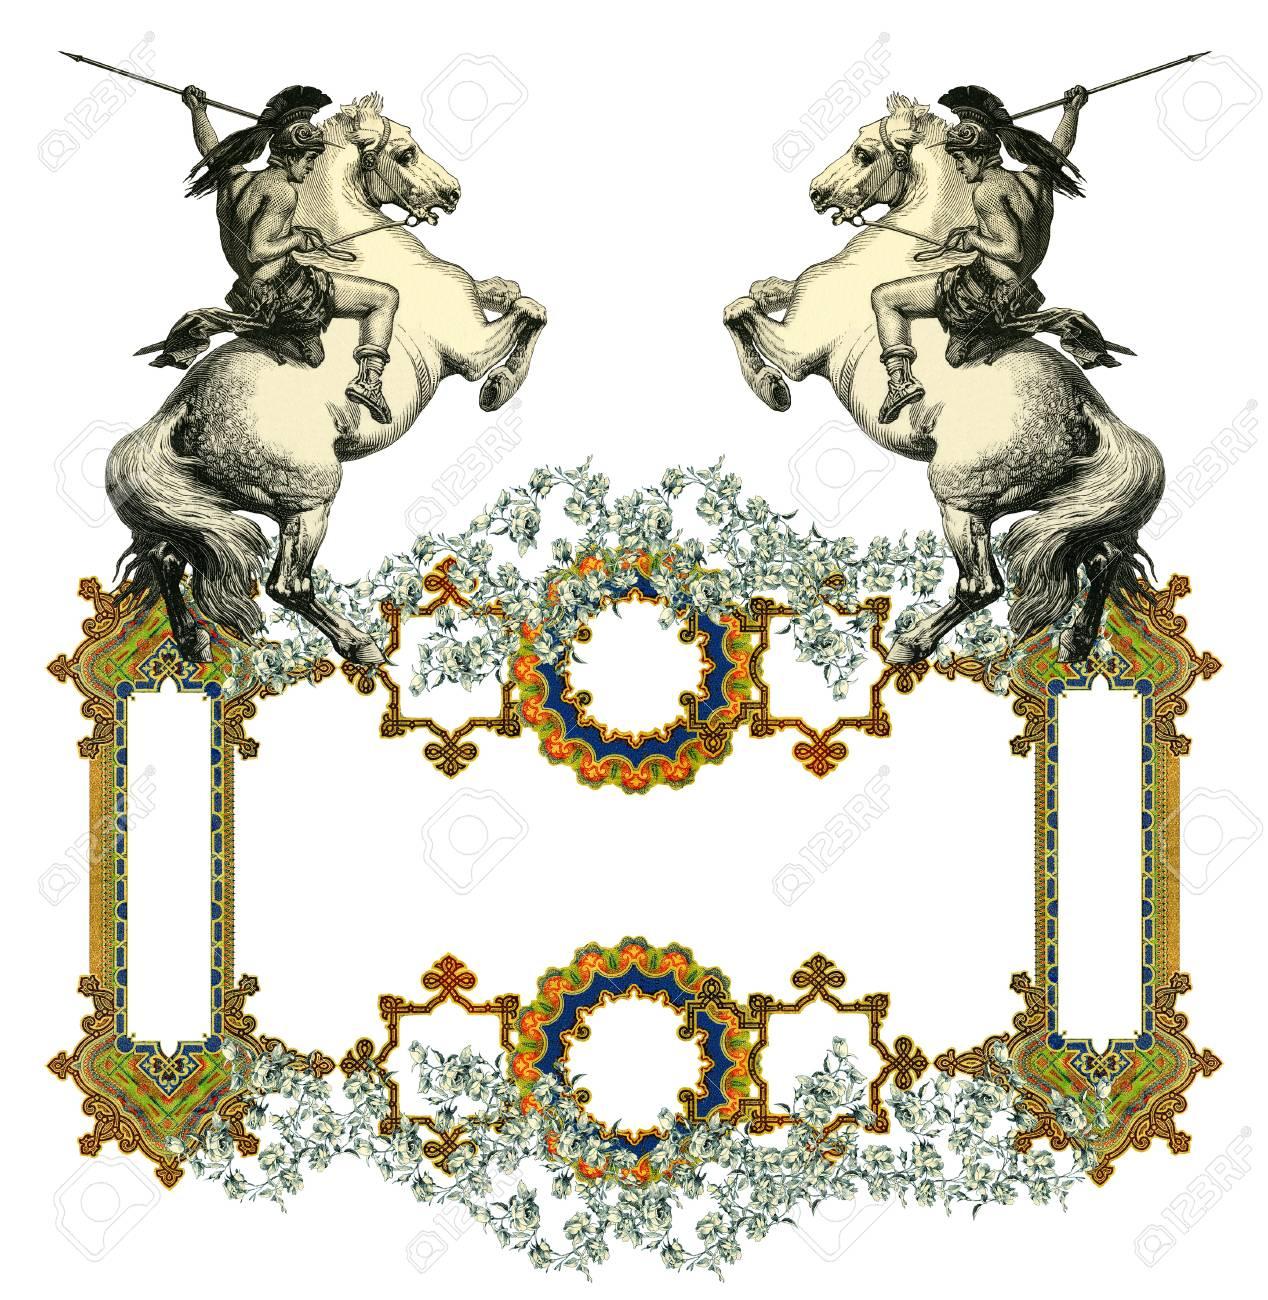 Luxuriöse Viktorianischen Frame Lizenzfreie Fotos, Bilder Und Stock ...